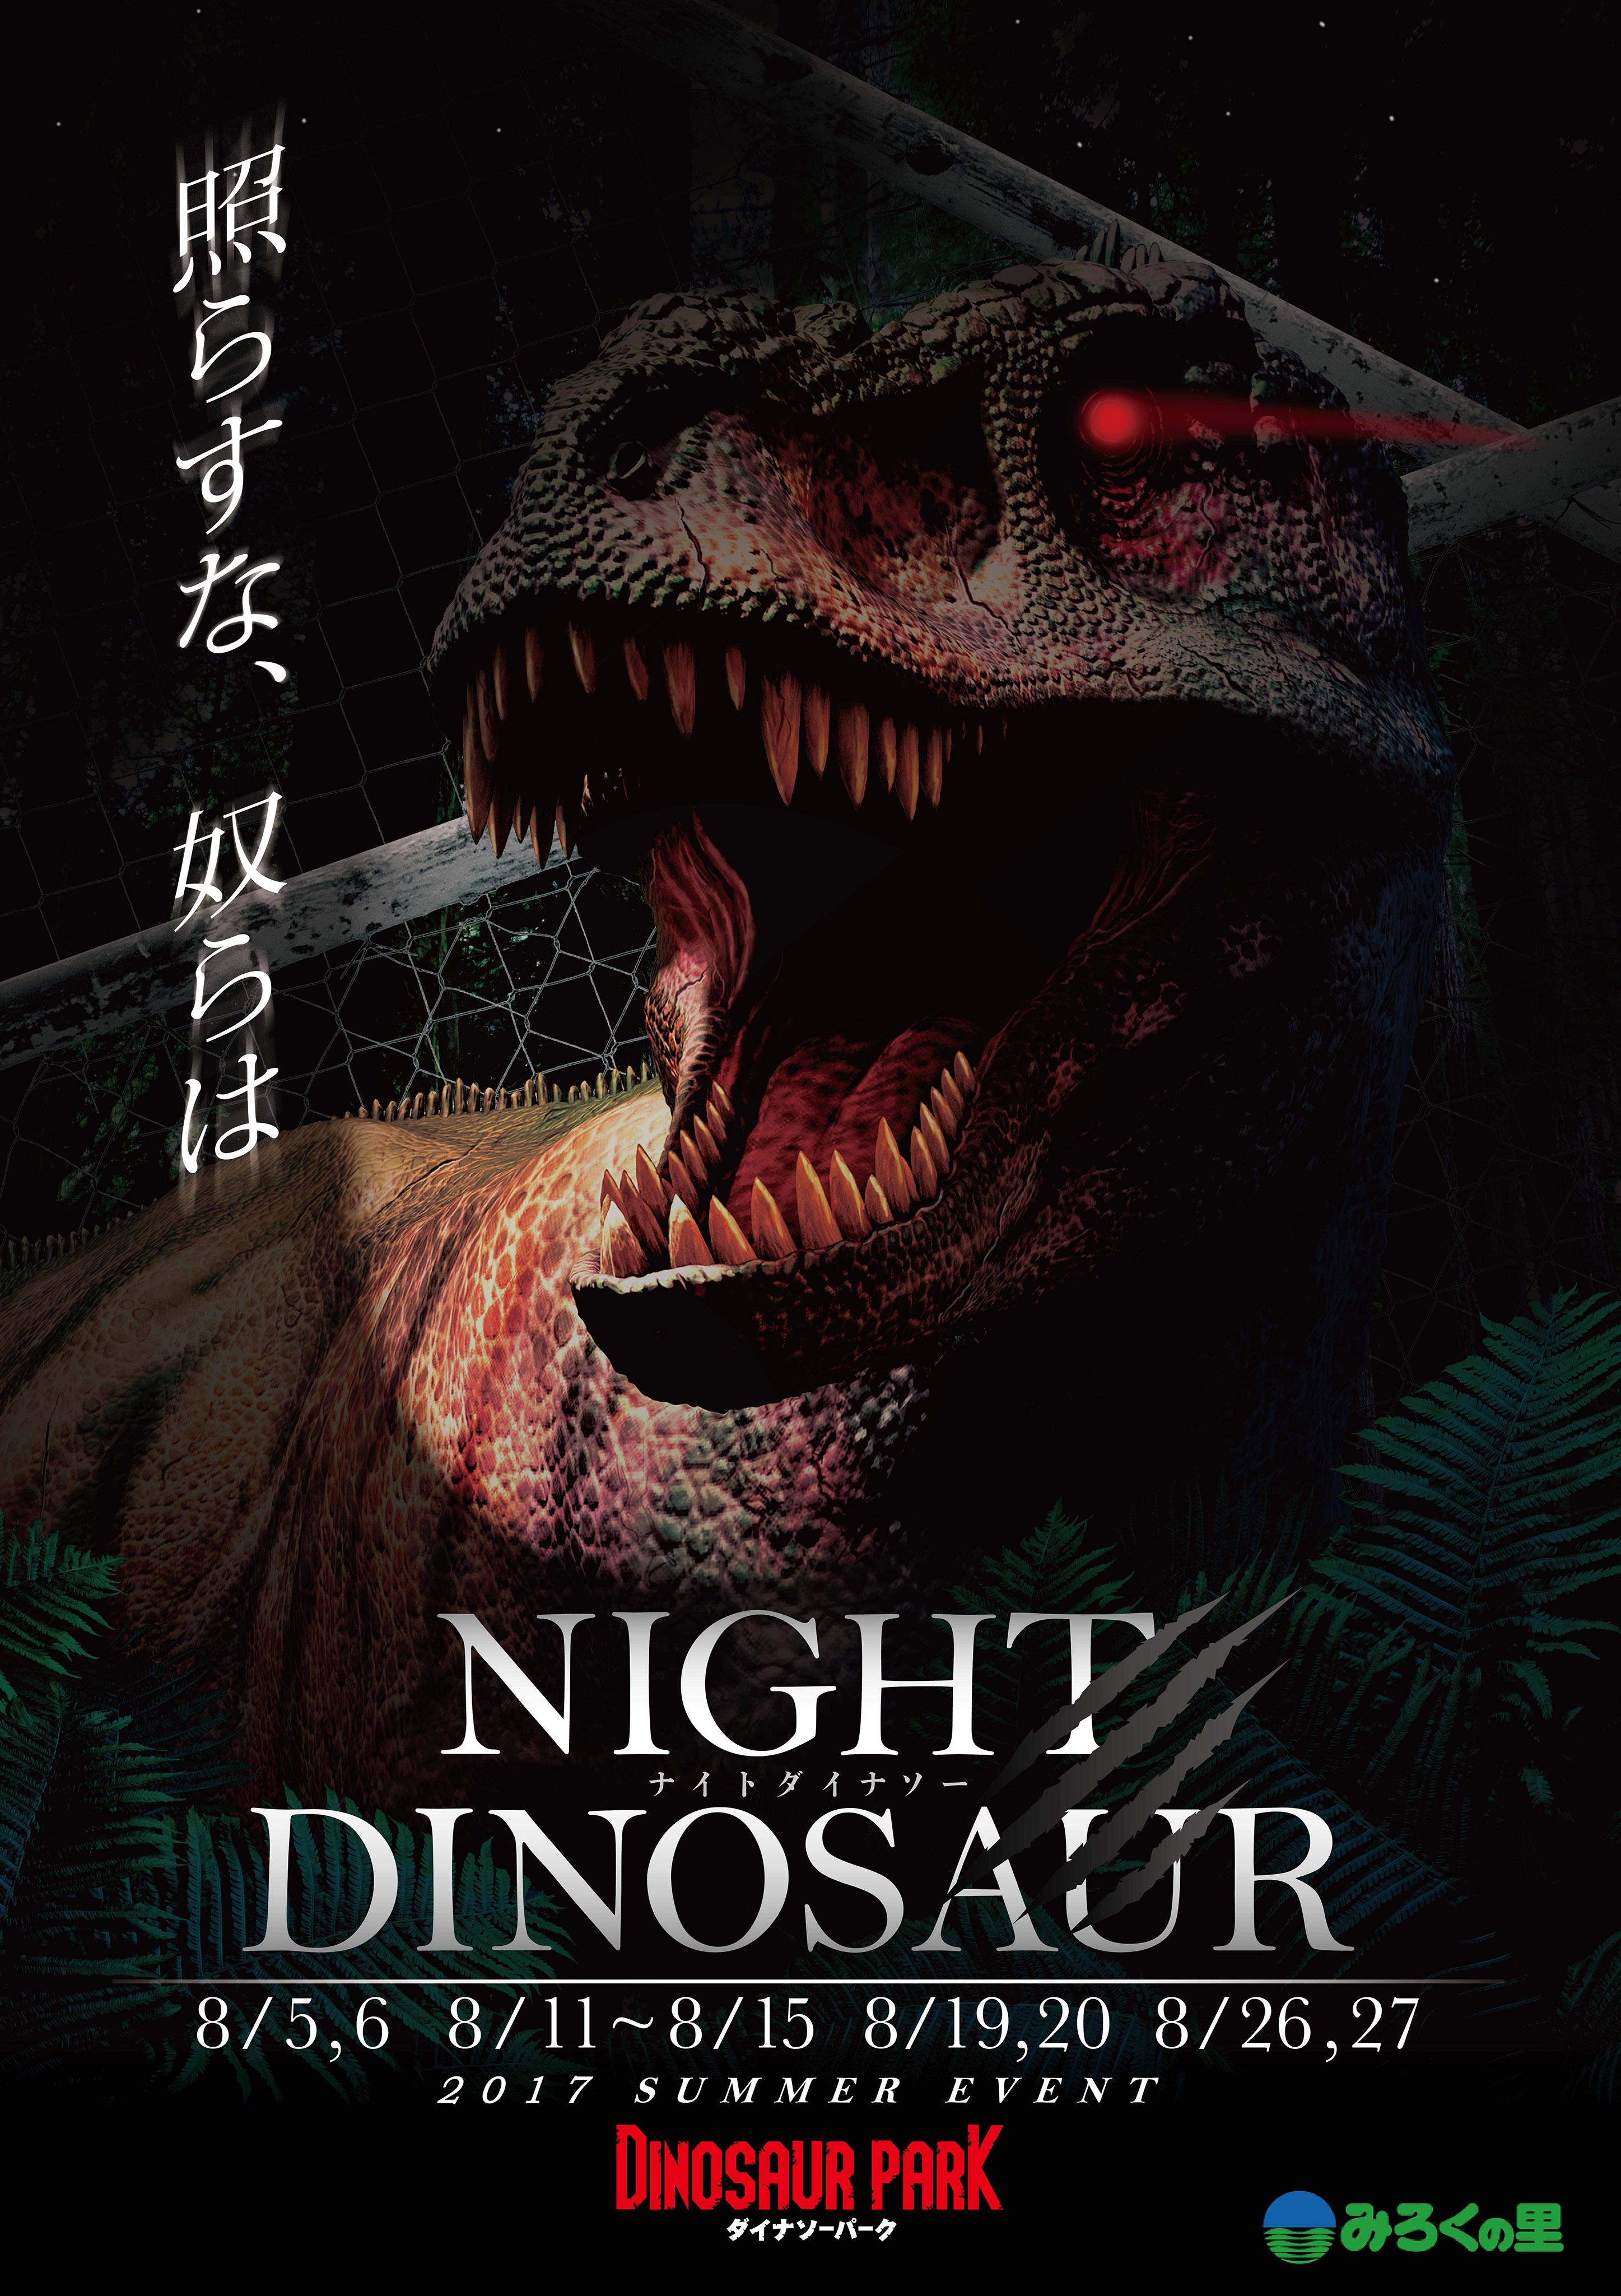 暗闇に突如現る巨大肉食恐竜!期間限定イベント「NIGHT DINOSAUR(ナイトダイナソー)」8/5からみろくの里で開催